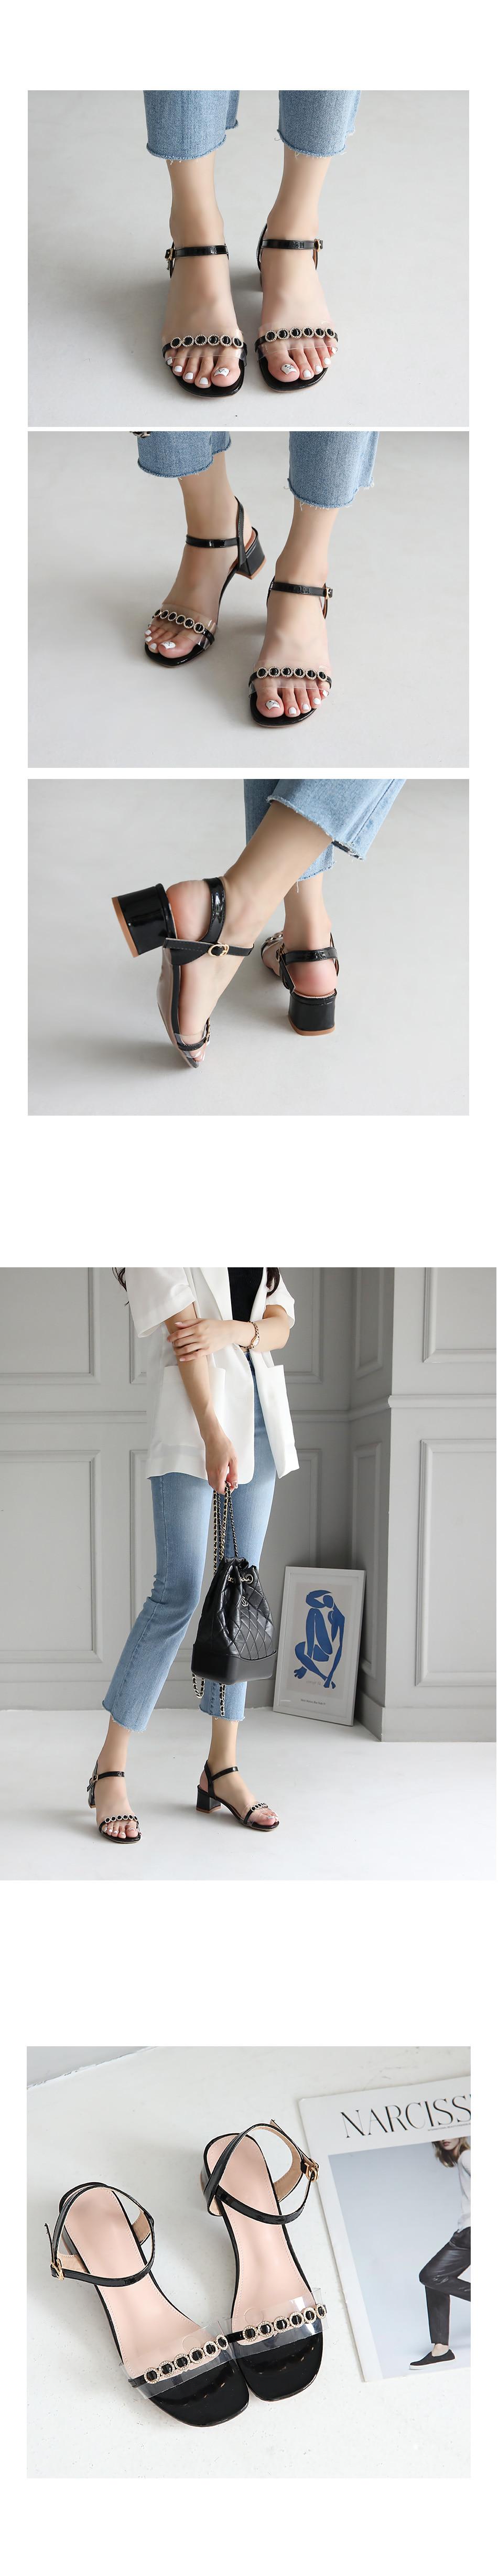 Jielan PVC strap sandals 5cm